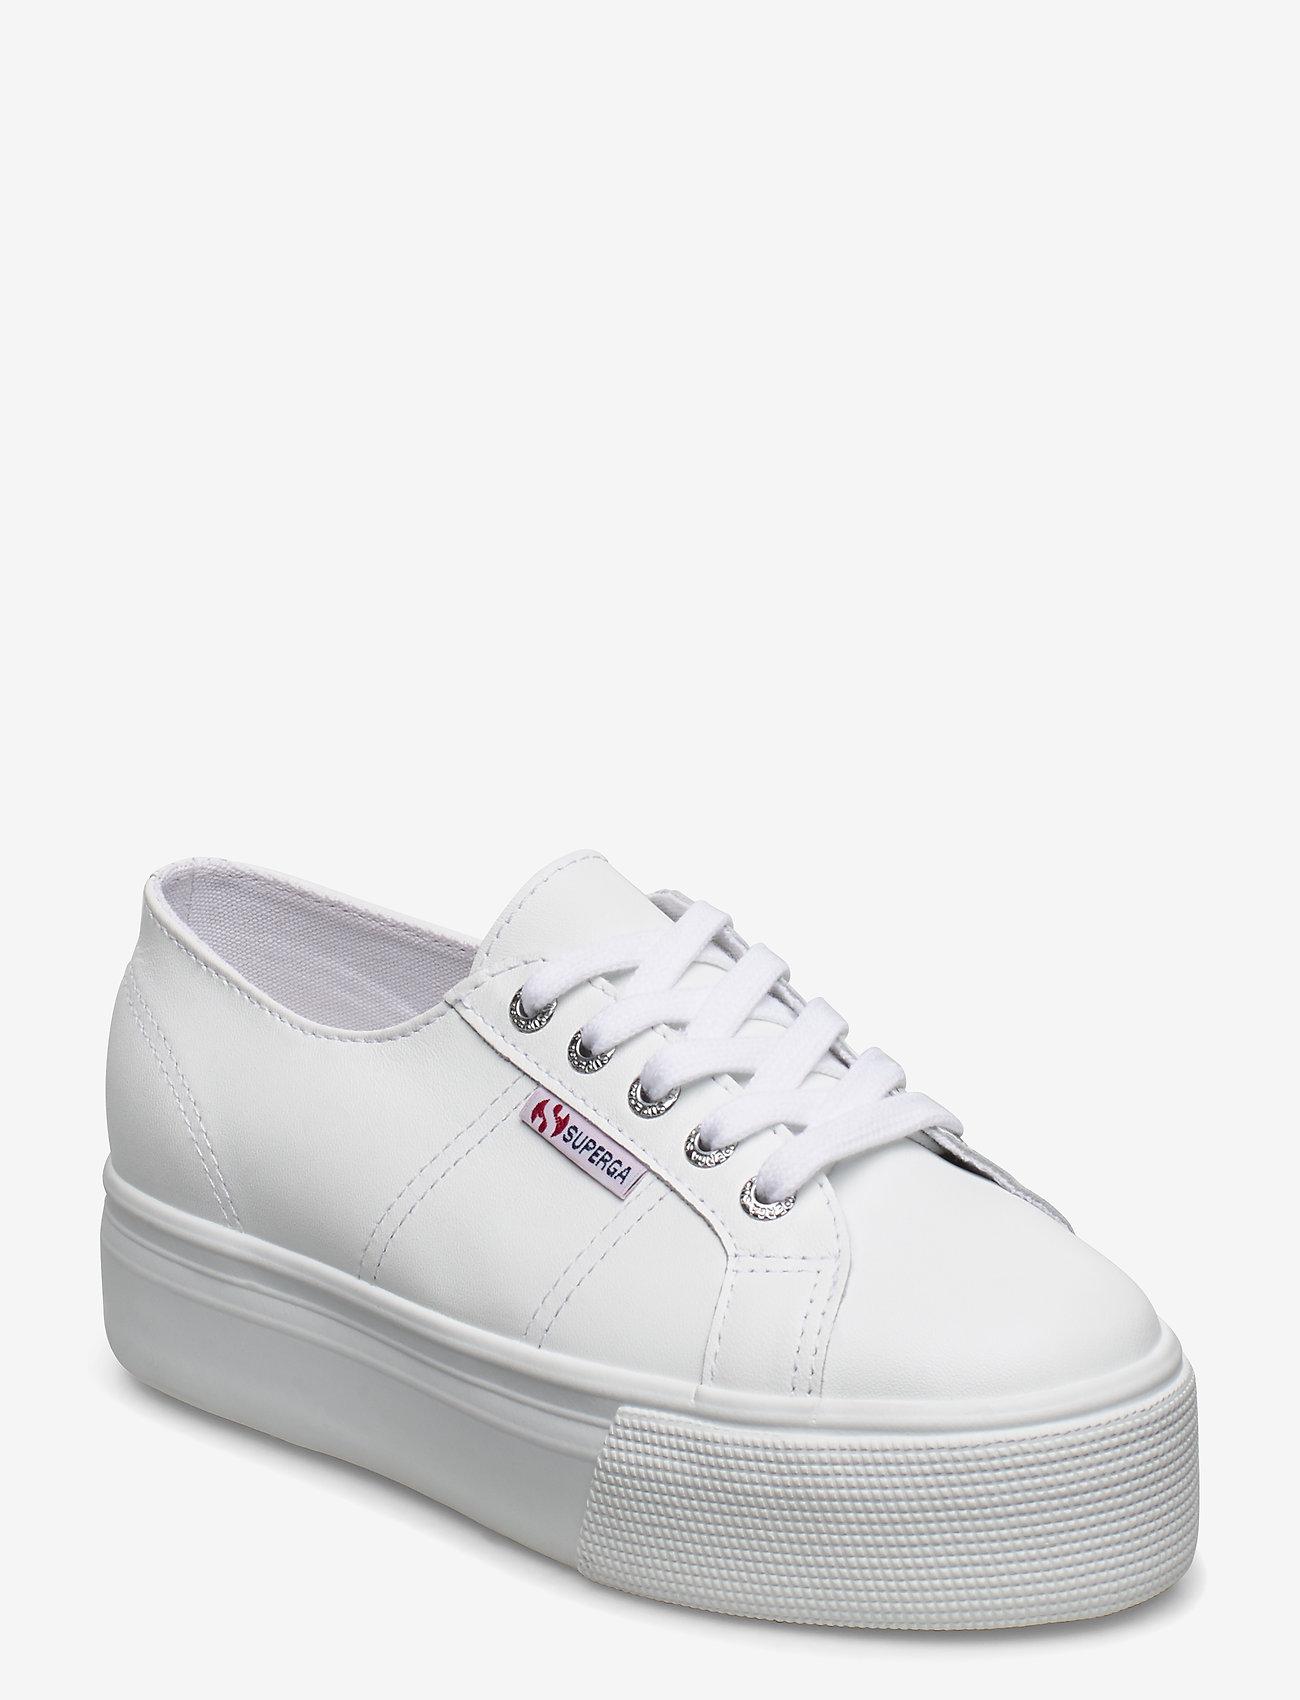 Superga - Superga 2790 NAPLNGCOTW - låga sneakers - white - 0